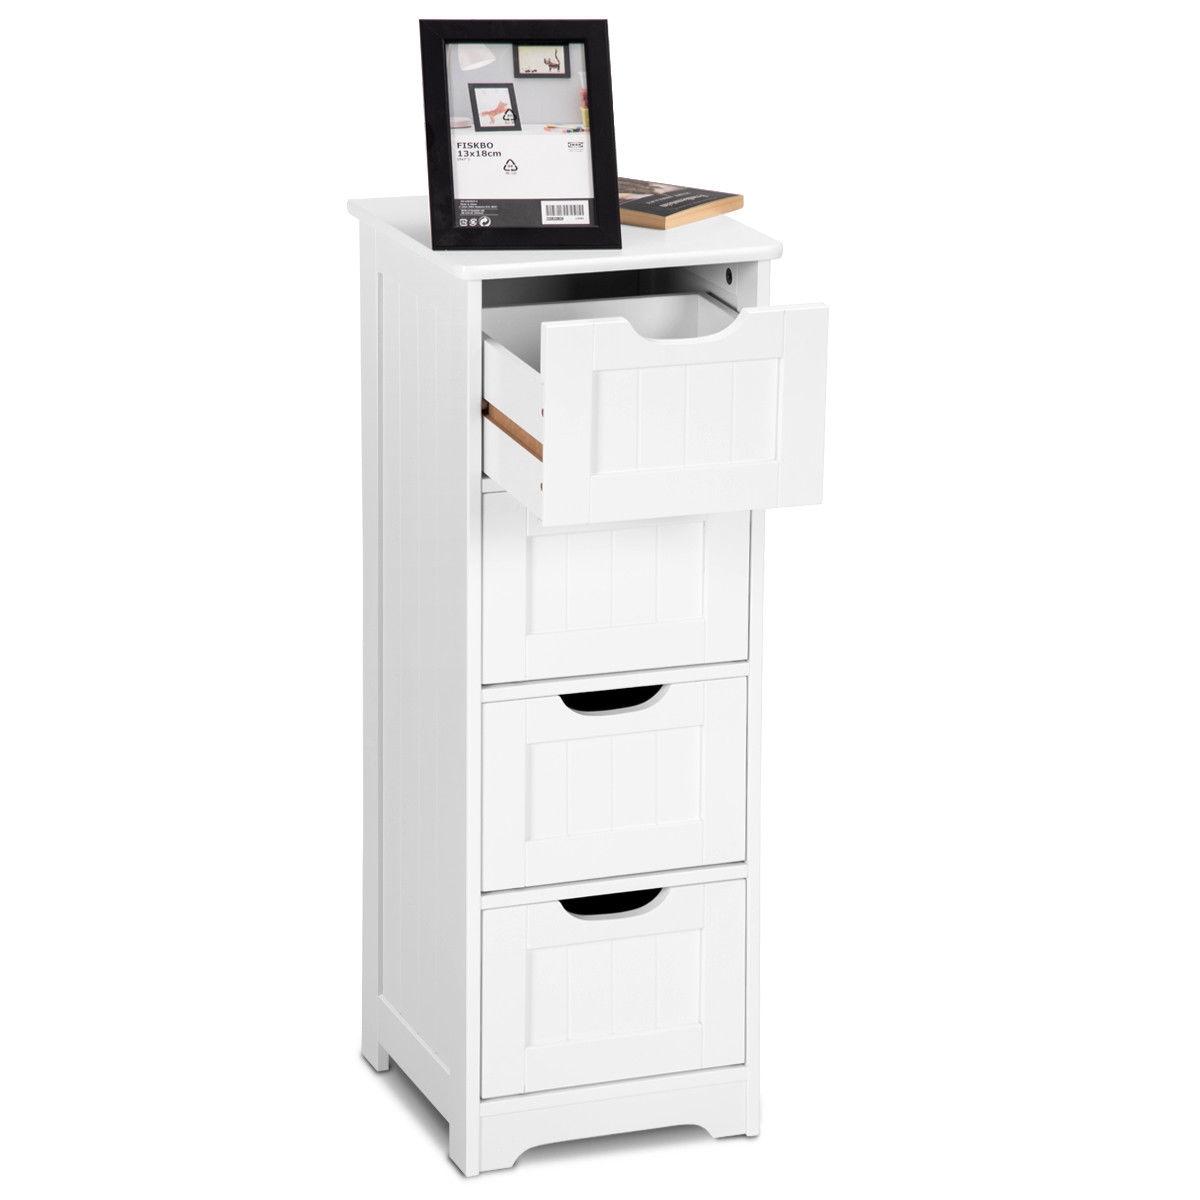 Bathroom Wooden Free Standing Storage Side Floor Cabinet Organizer-3